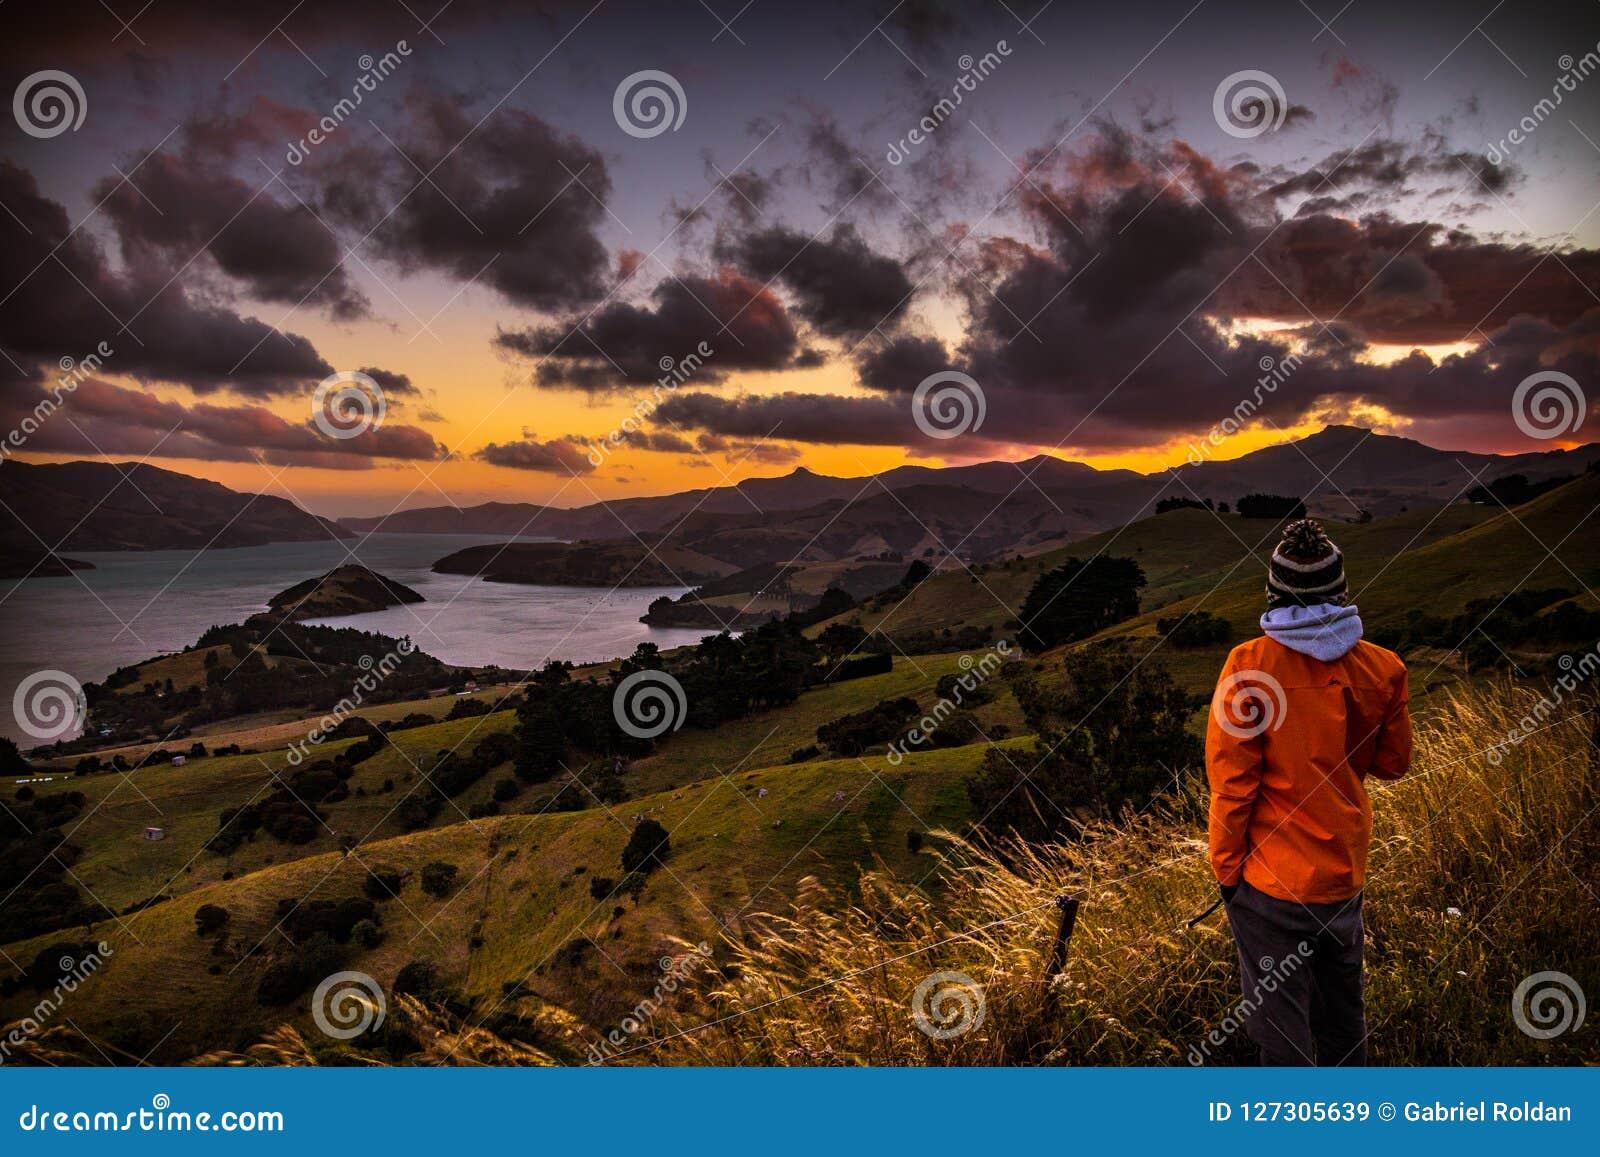 Punto di vista pieno d ammirazione della persona anonima durante il tramonto